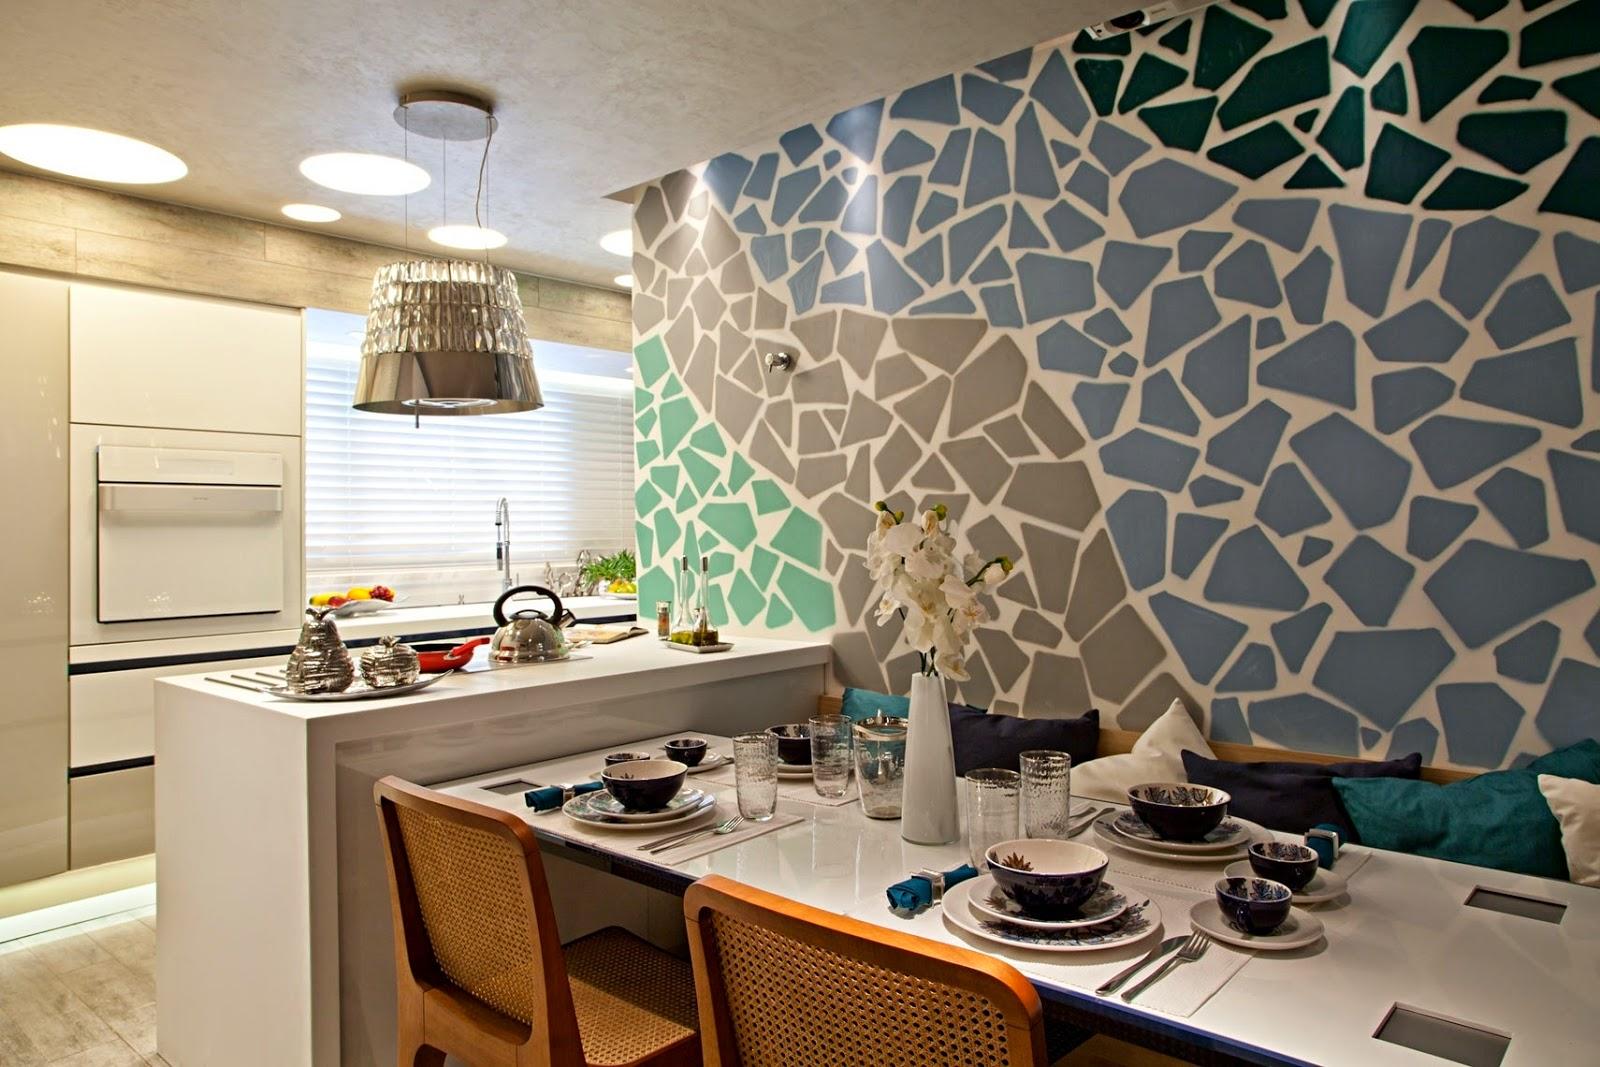 #6F4725  de sua casa! Decor Salteado Blog de Decoração e Arquitetura 1600x1067 píxeis em Como Decorar Um Balcao De Sala De Jantar